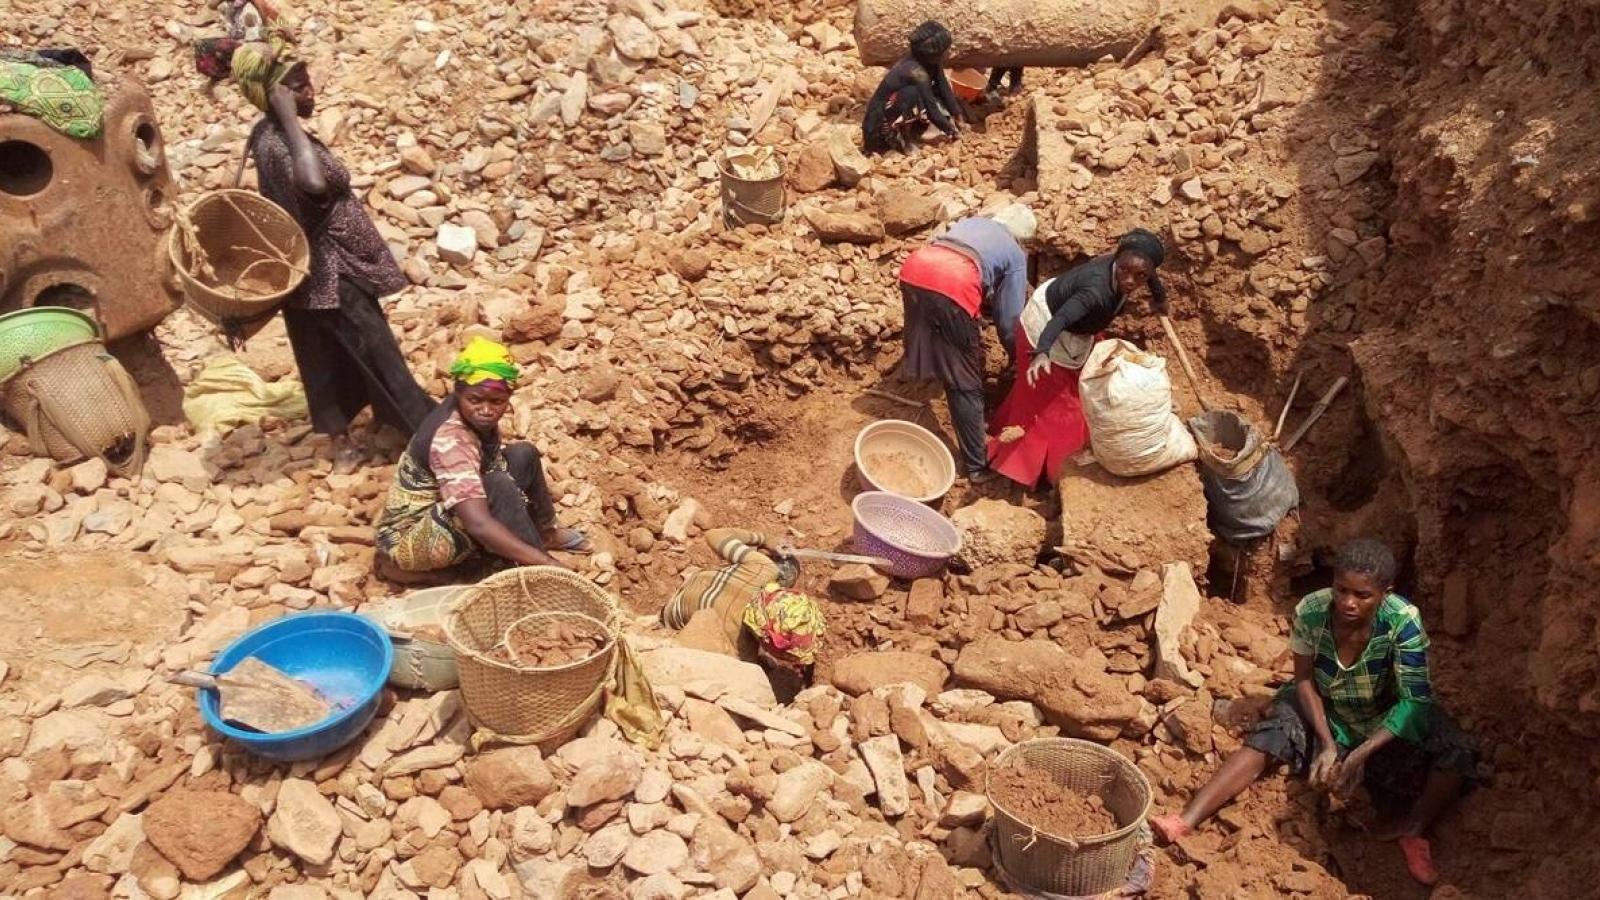 Sập mỏ khai thác vàng tại Congo, ít nhất 50 người thiệt mạng